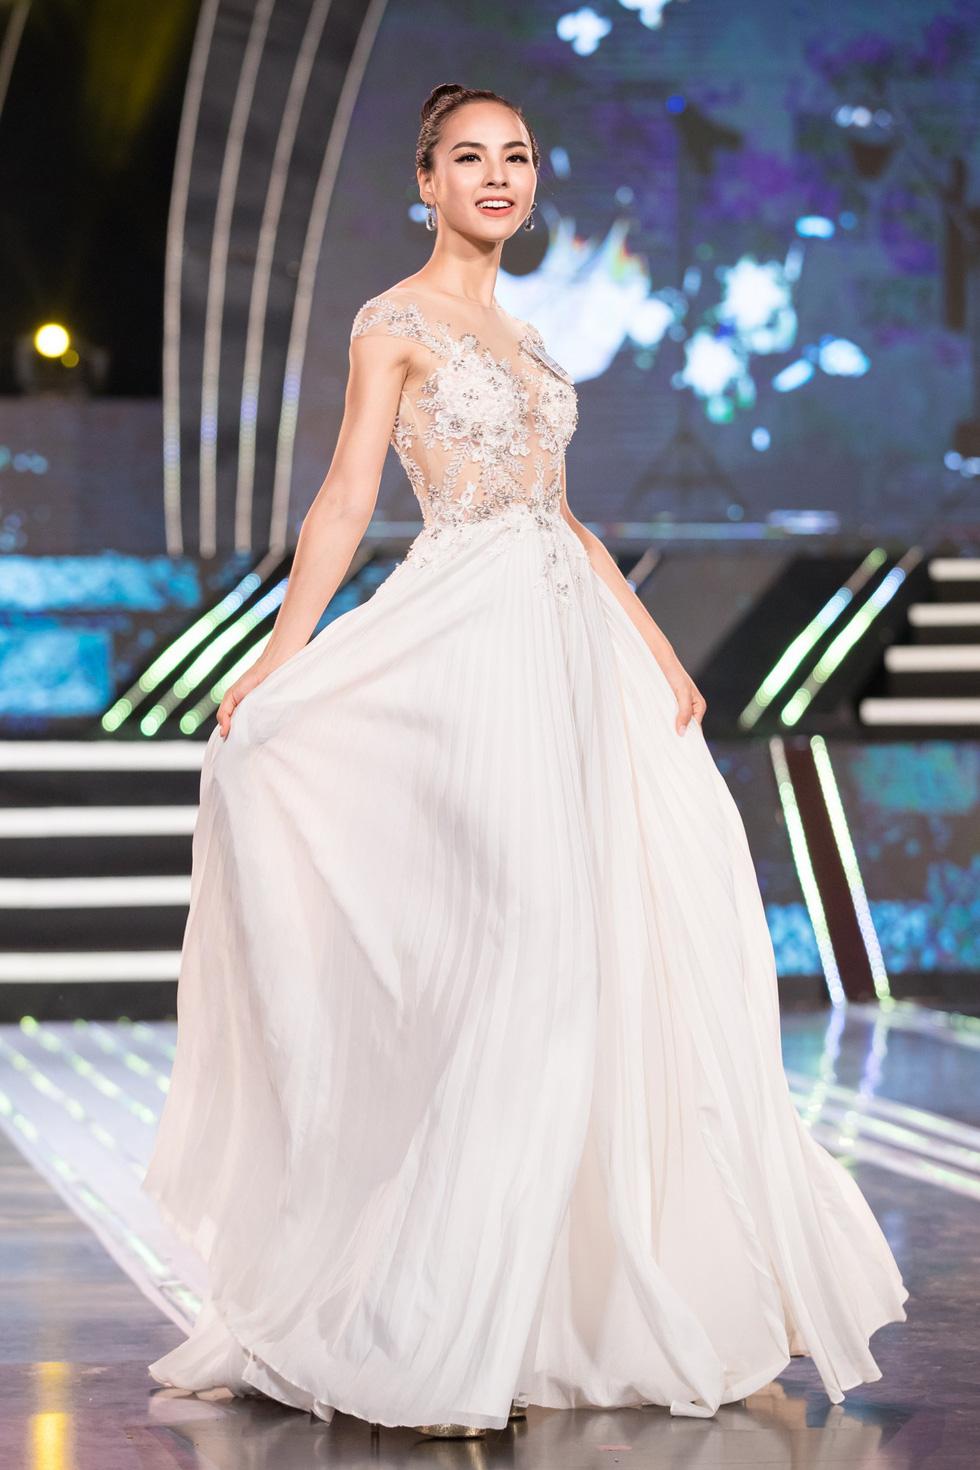 Nhan sắc 20 thí sinh đẹp nhất phía Bắc vào chung kết Miss World Việt Nam 2019 - Ảnh 5.